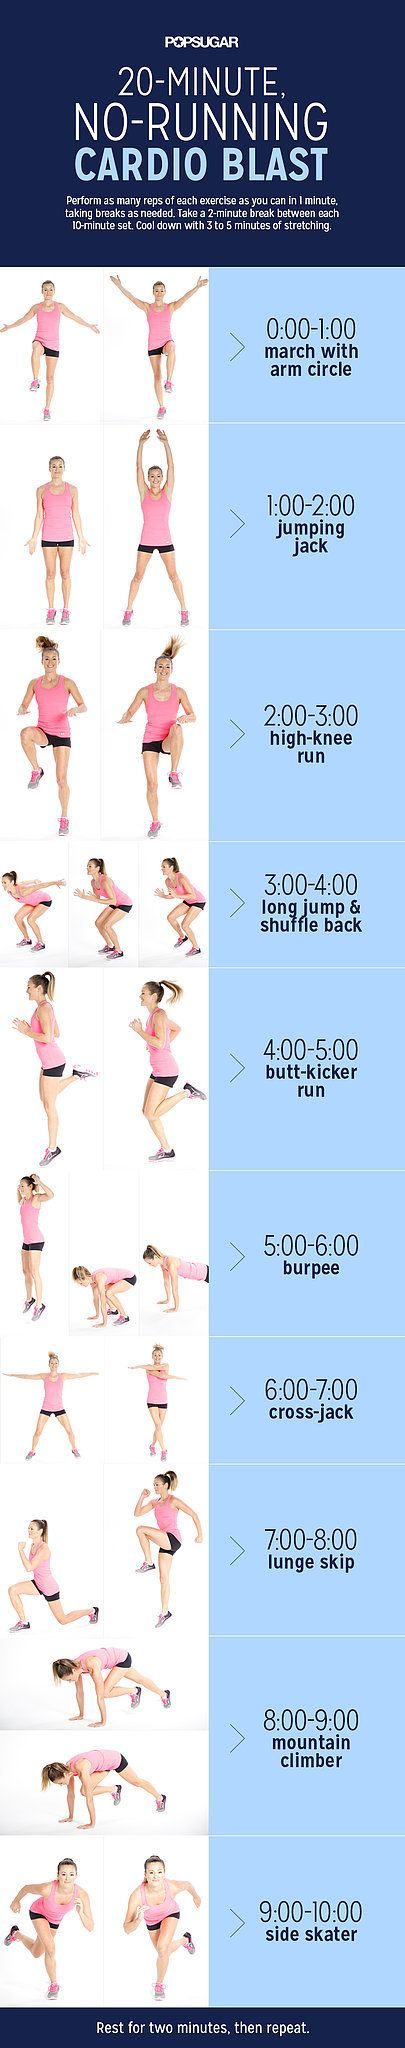 20-Minute No-Running Cardio Blast